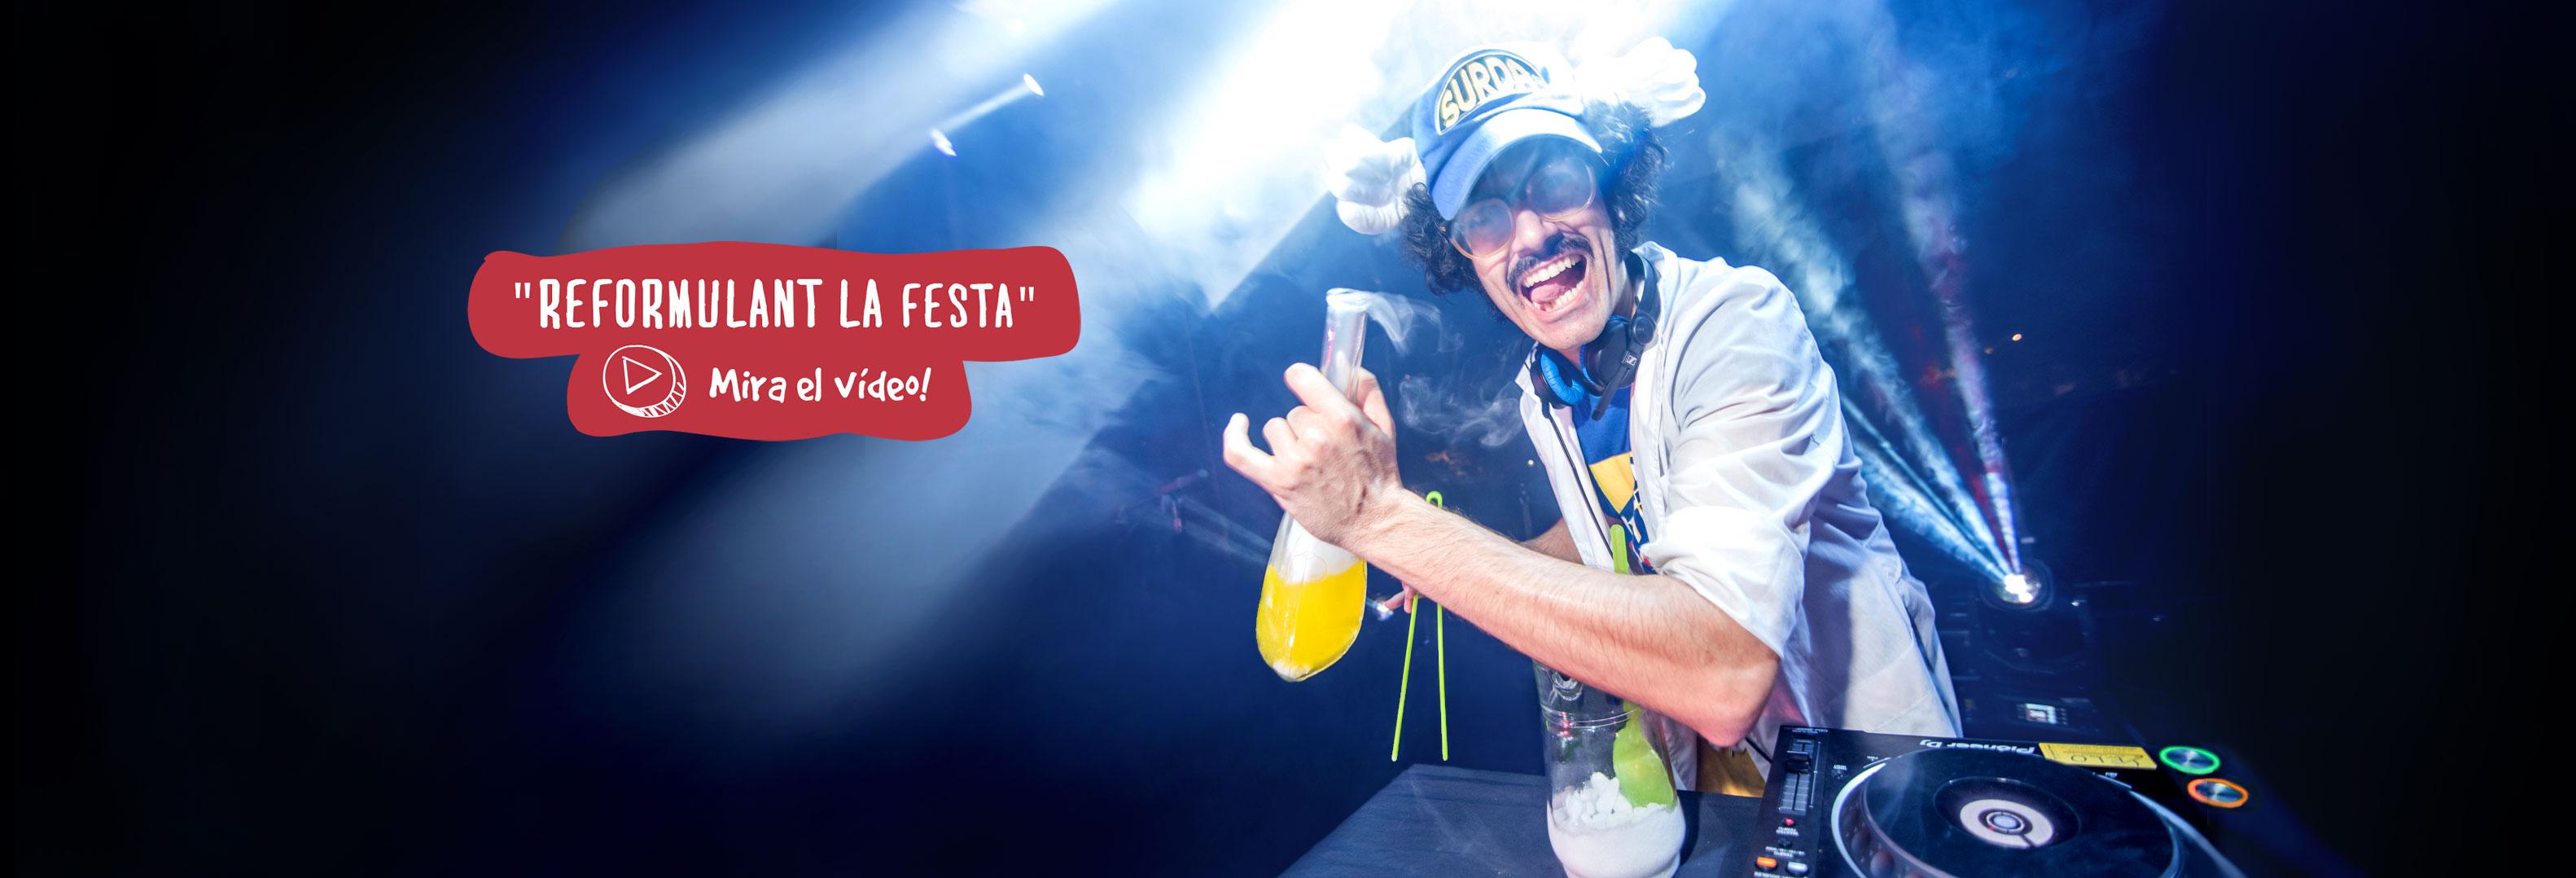 DJ Surda